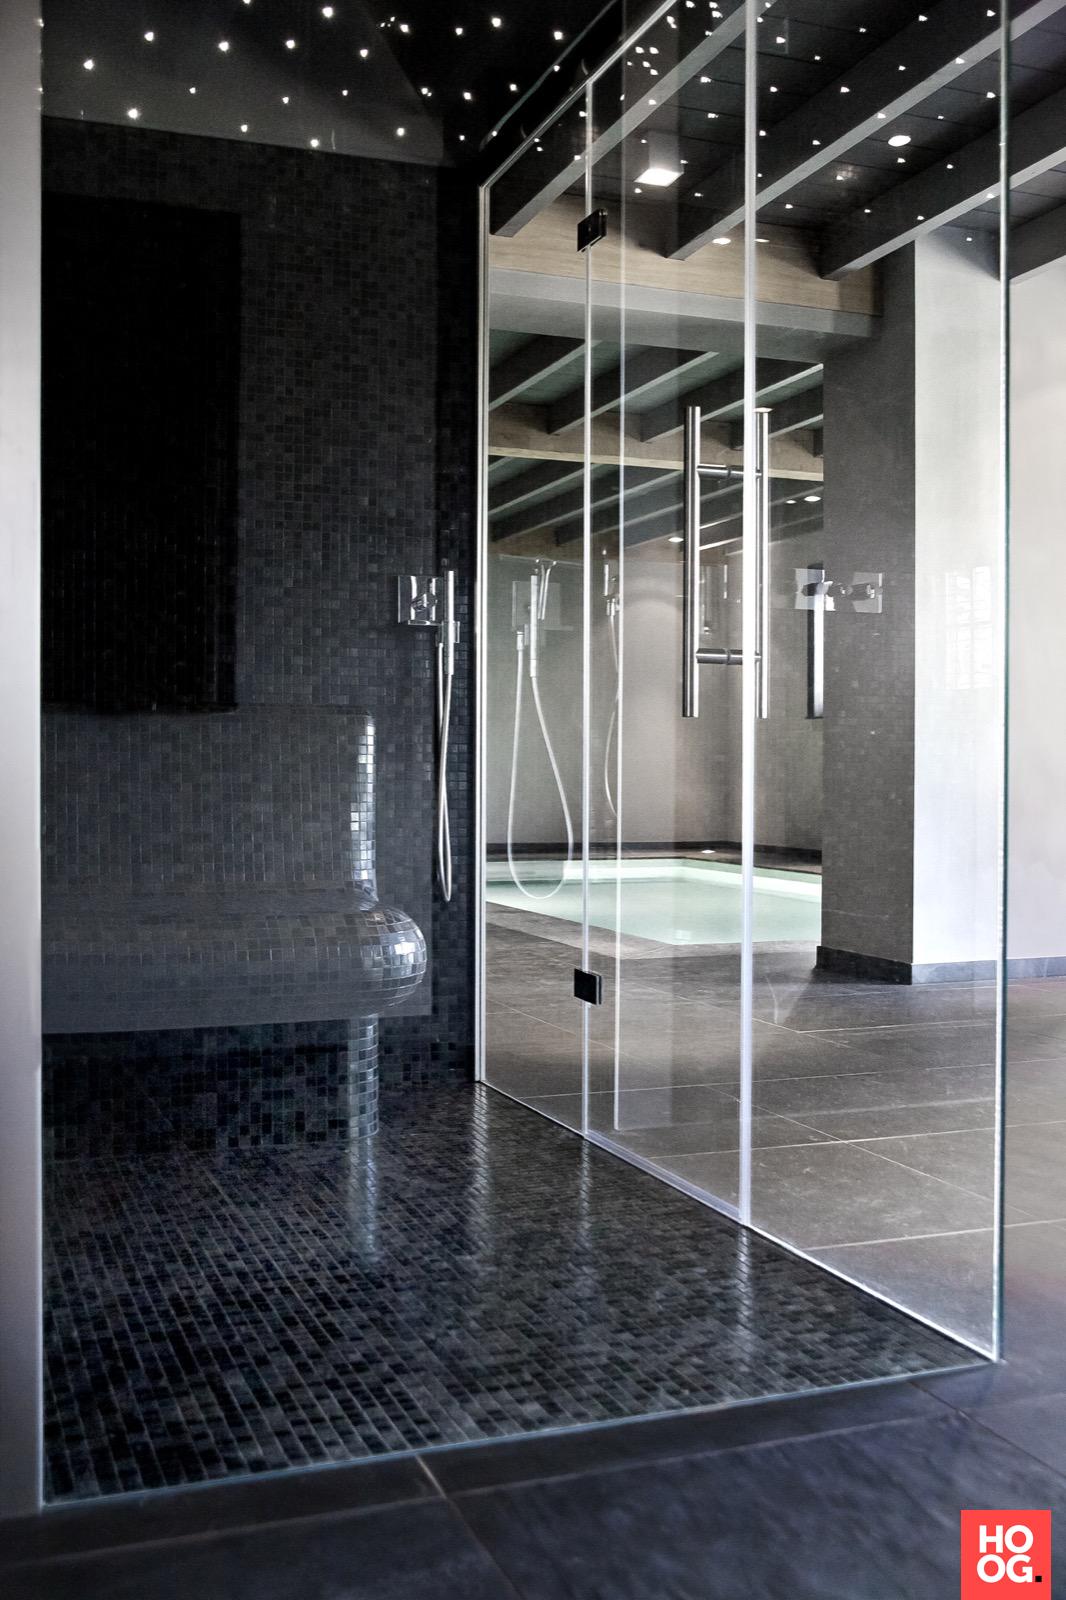 Van Gemert Zwembaden - Luxe wellness - Hoog ■ Exclusieve woon- en tuin inspiratie.